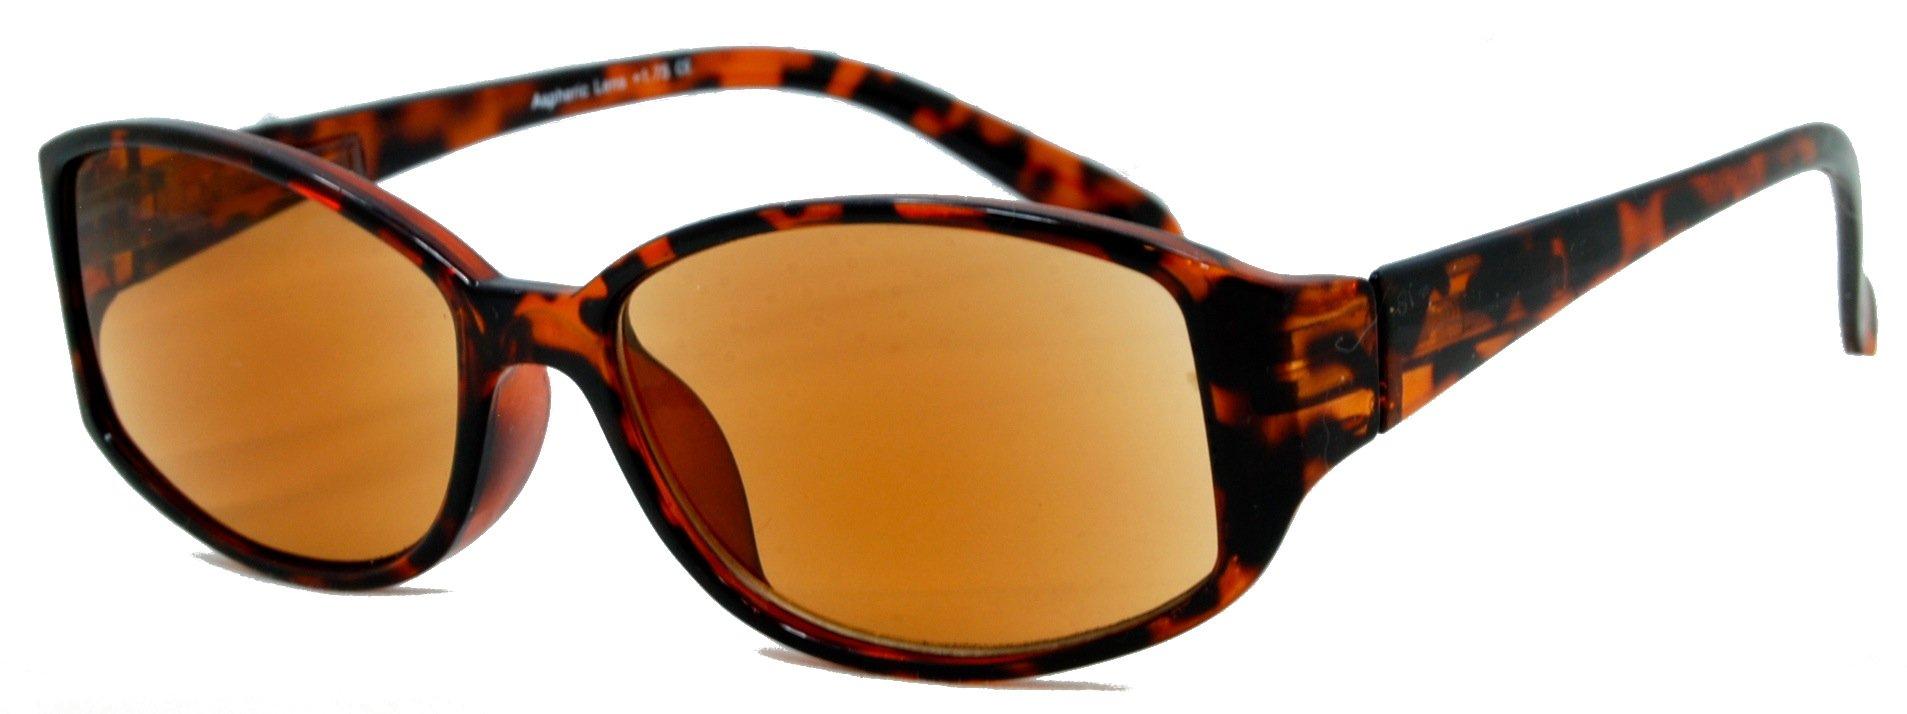 In Style Eyes Stylish Full Reader Sunglasses/Tortoise 2.00 Strength